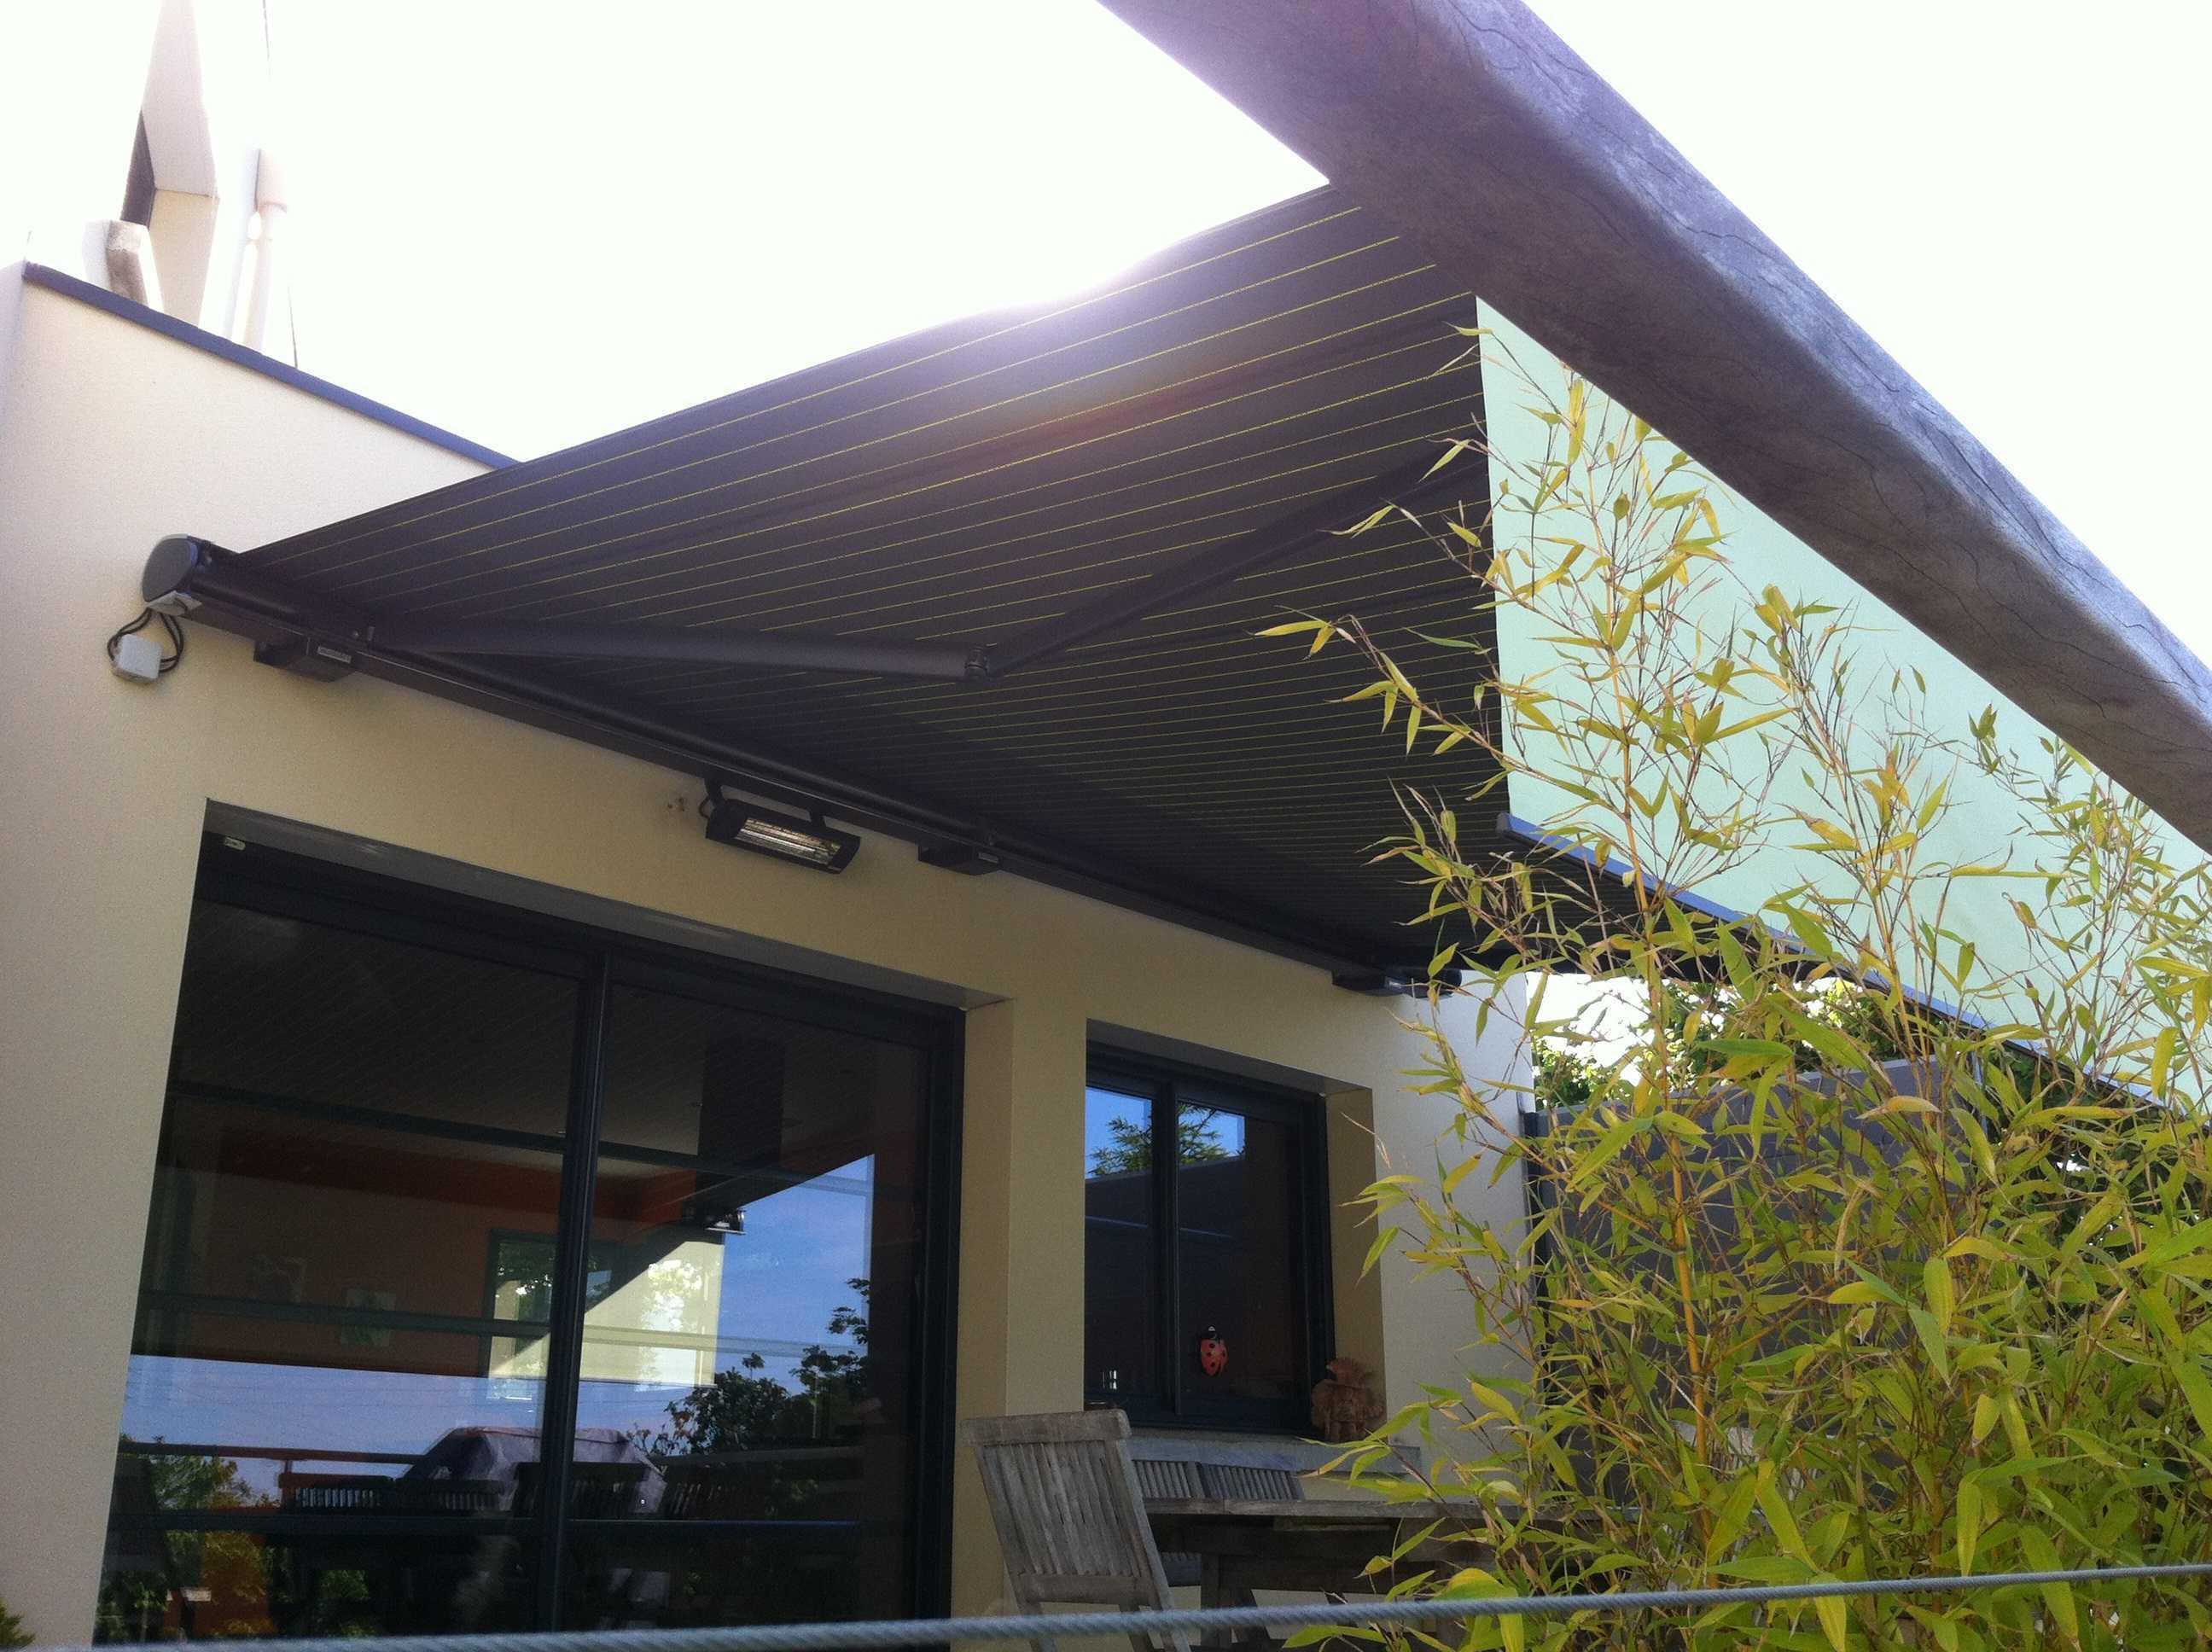 coupe vent terrasse retractable cool pare vent terrasse plexiglas panneaux coupe vent pour. Black Bedroom Furniture Sets. Home Design Ideas